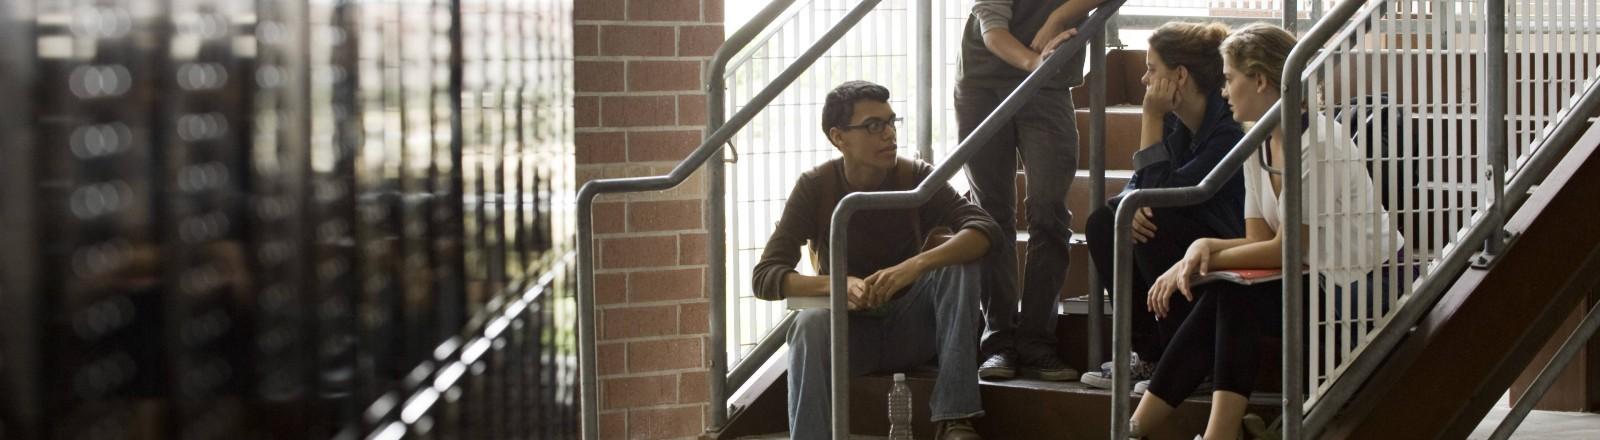 Drei Schüler auf der Treppe einer High School